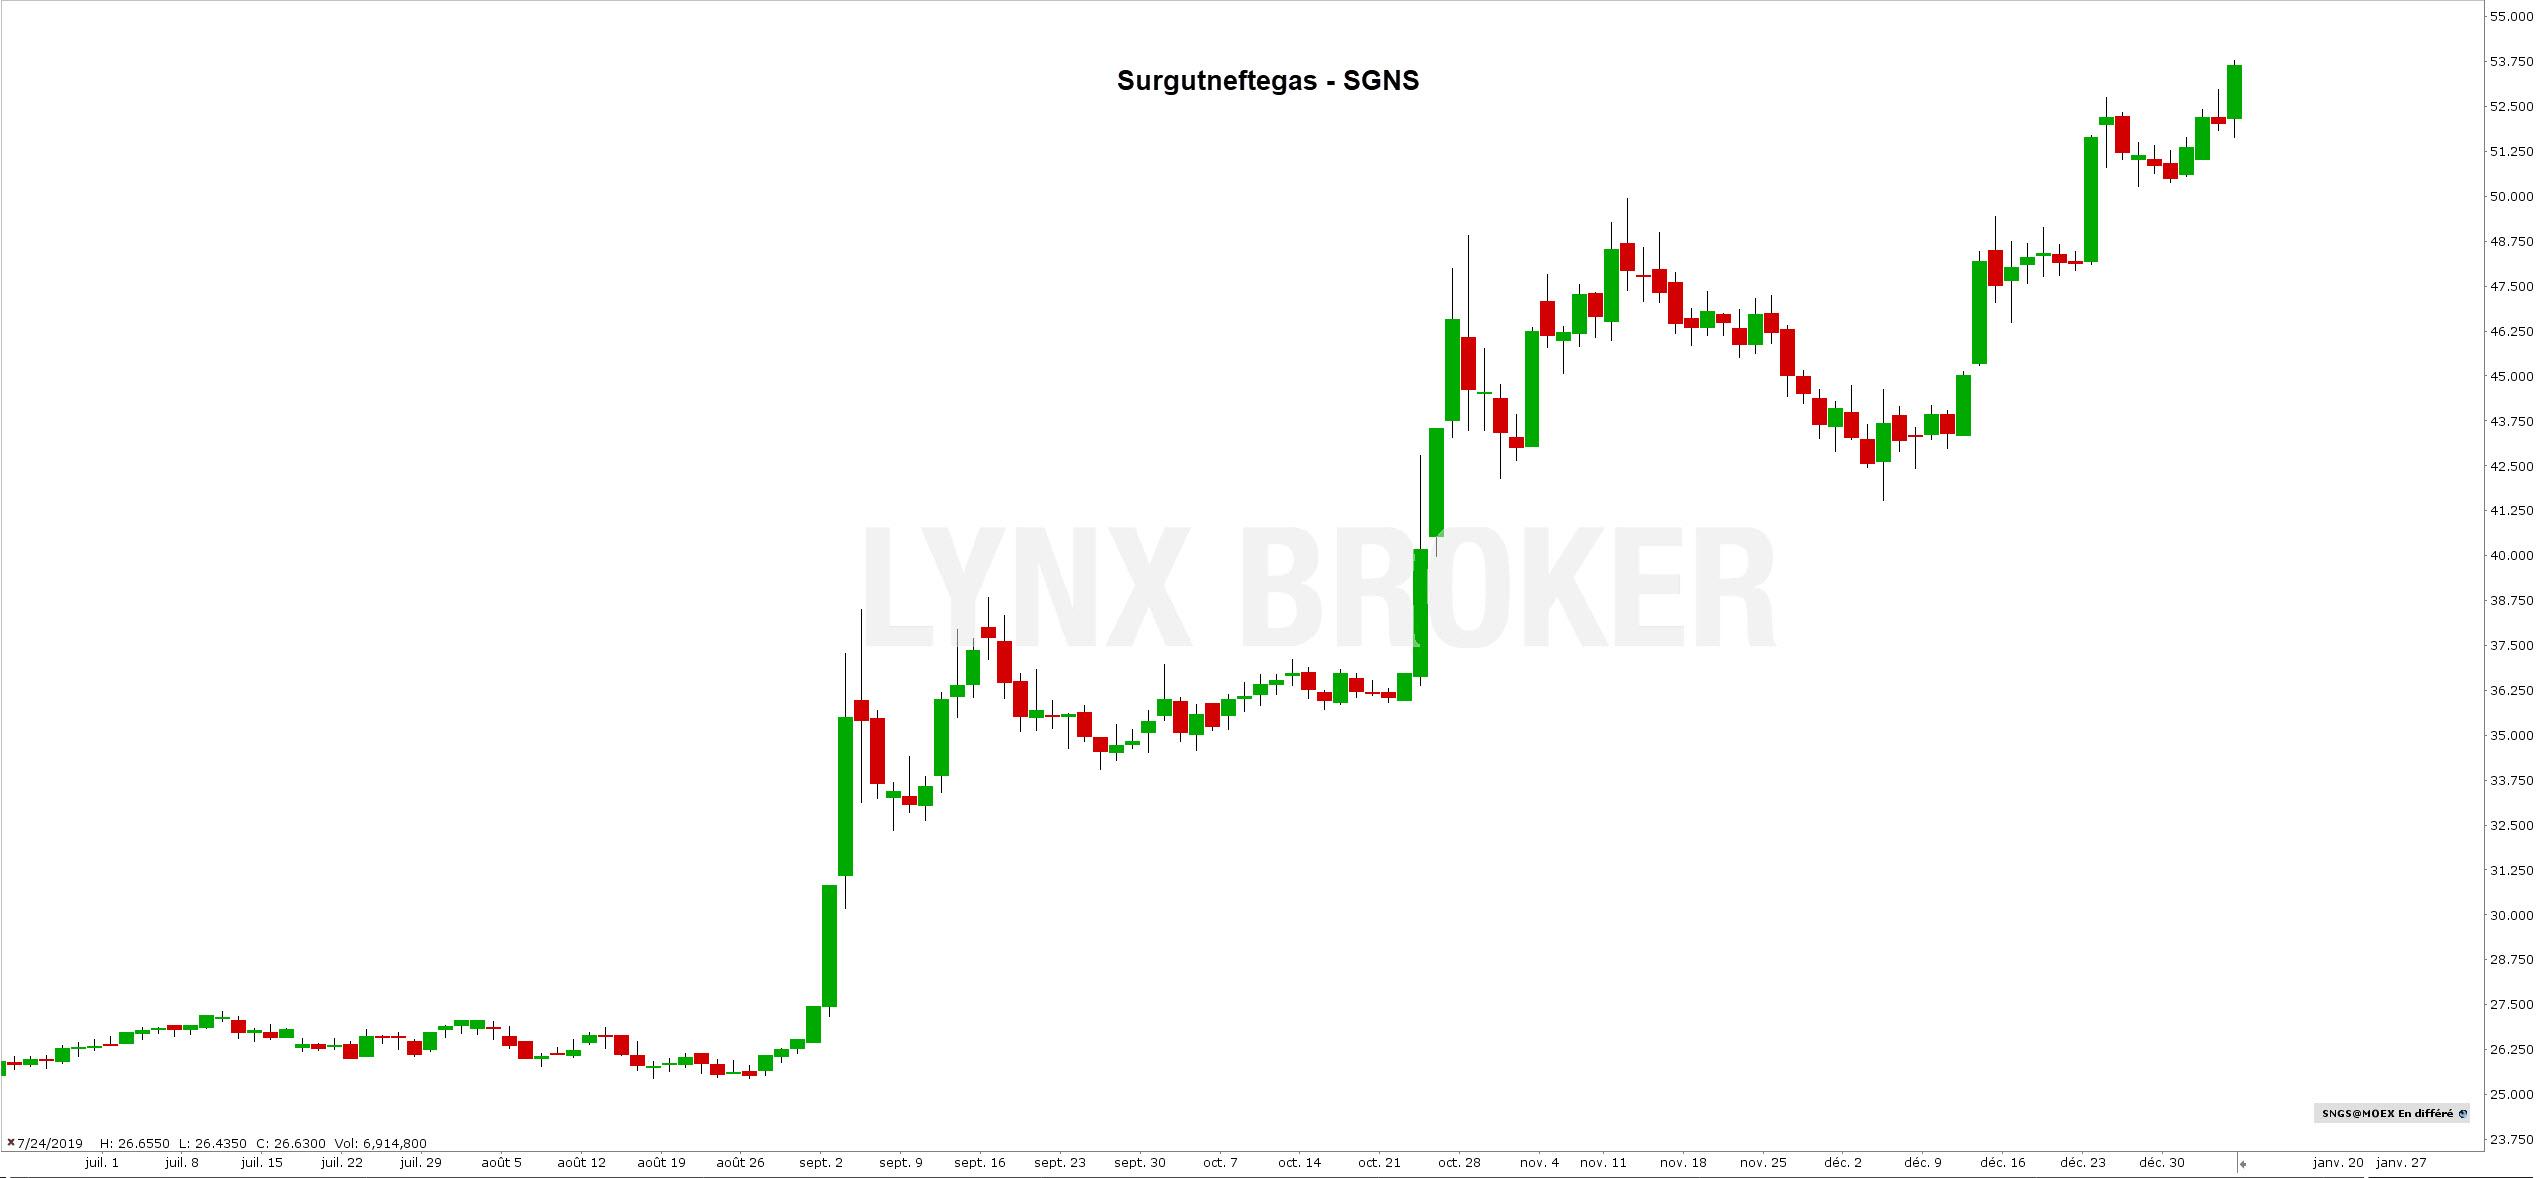 action russe bourse - acheter des actions russes - action Surgutneftegas